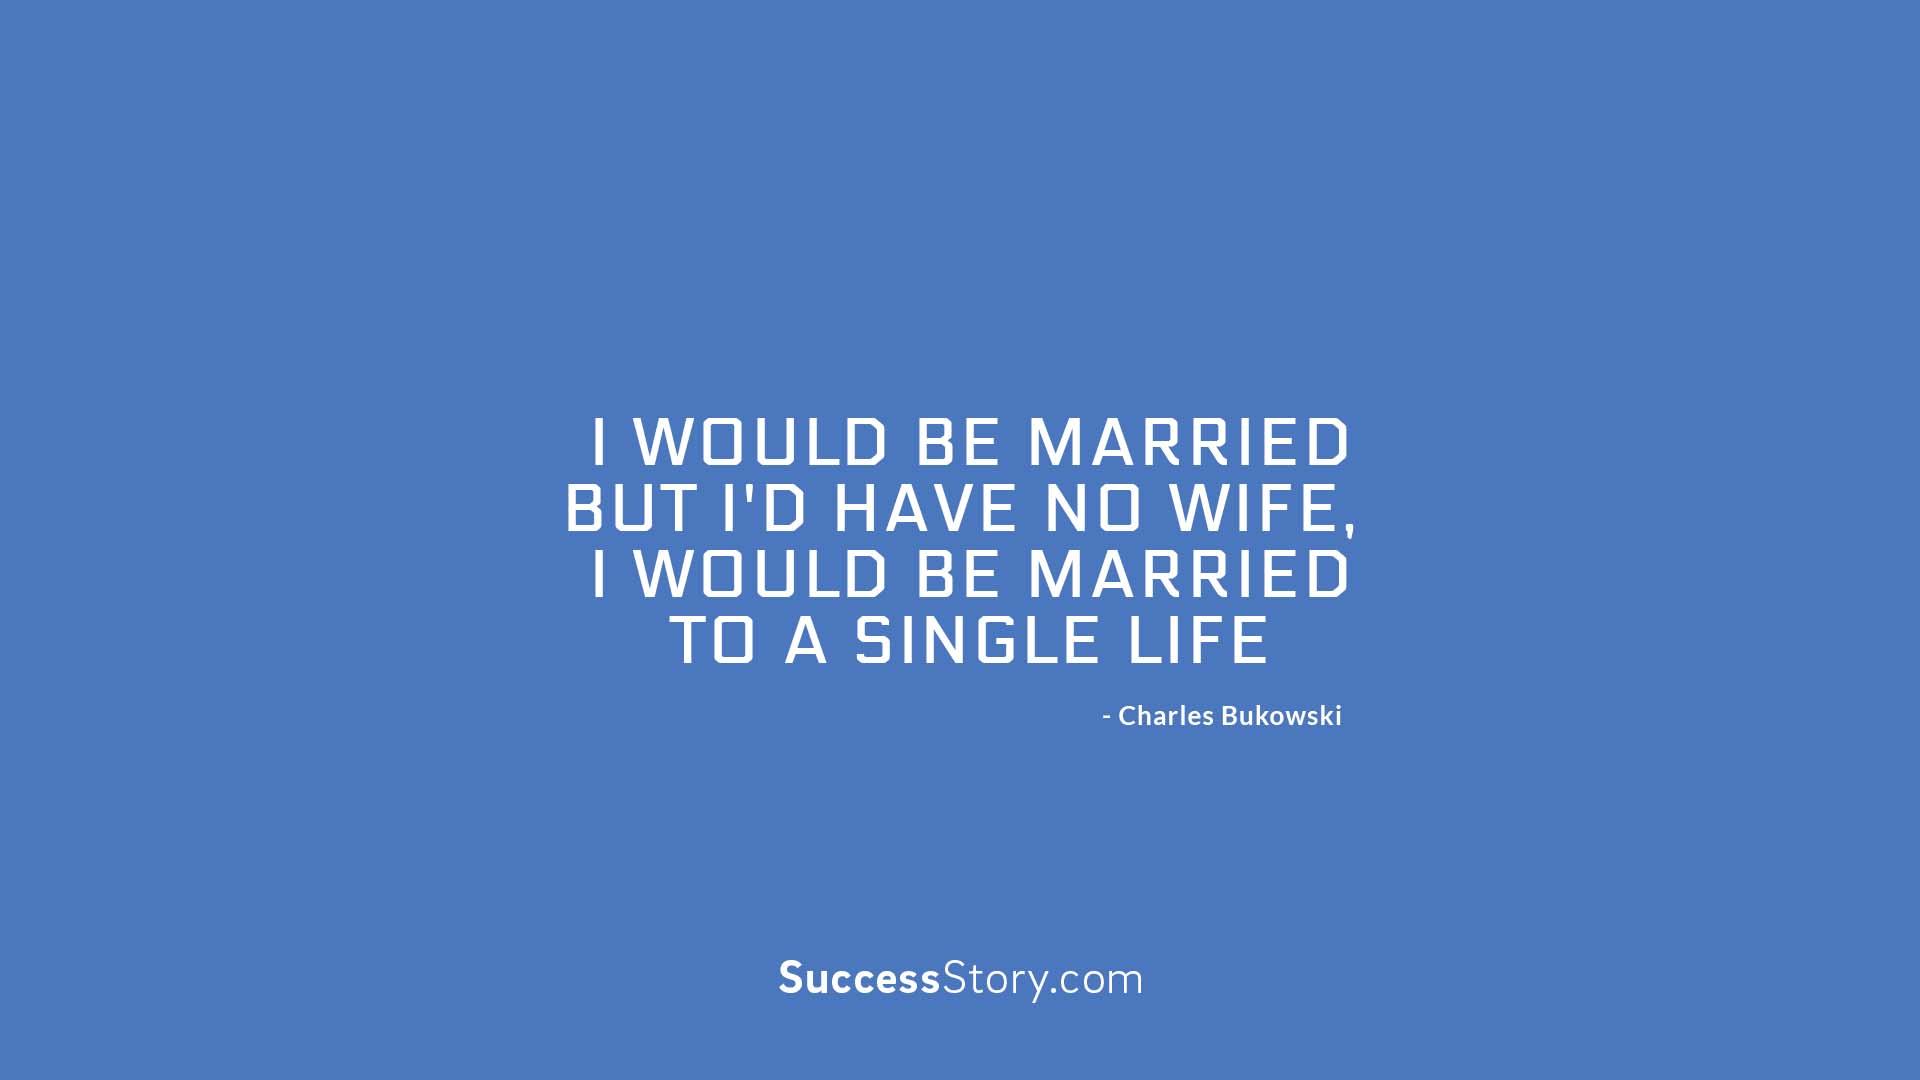 I would be marri